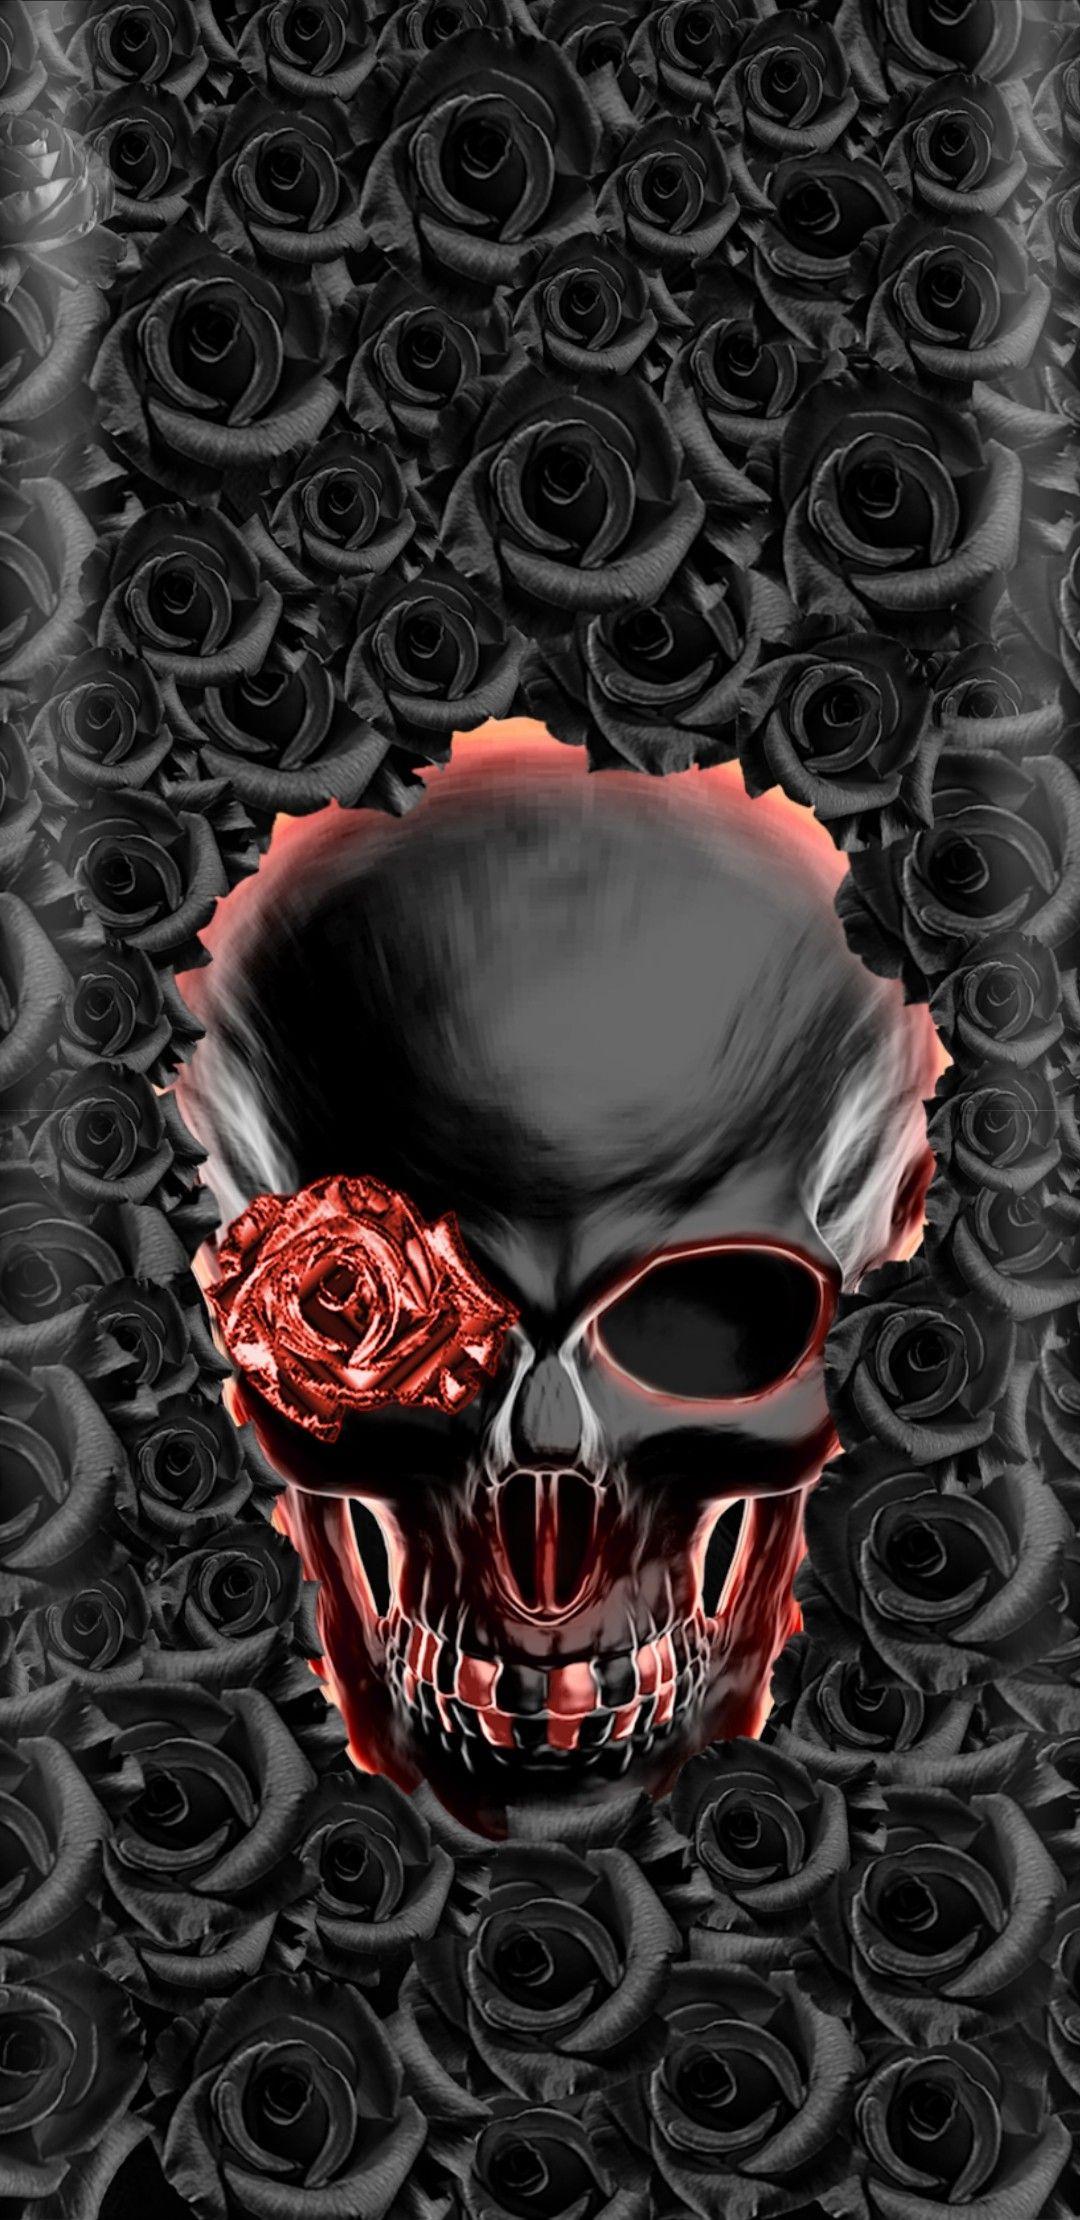 Pin By Liv Upchurch On Skulls Skull Wallpaper Skull